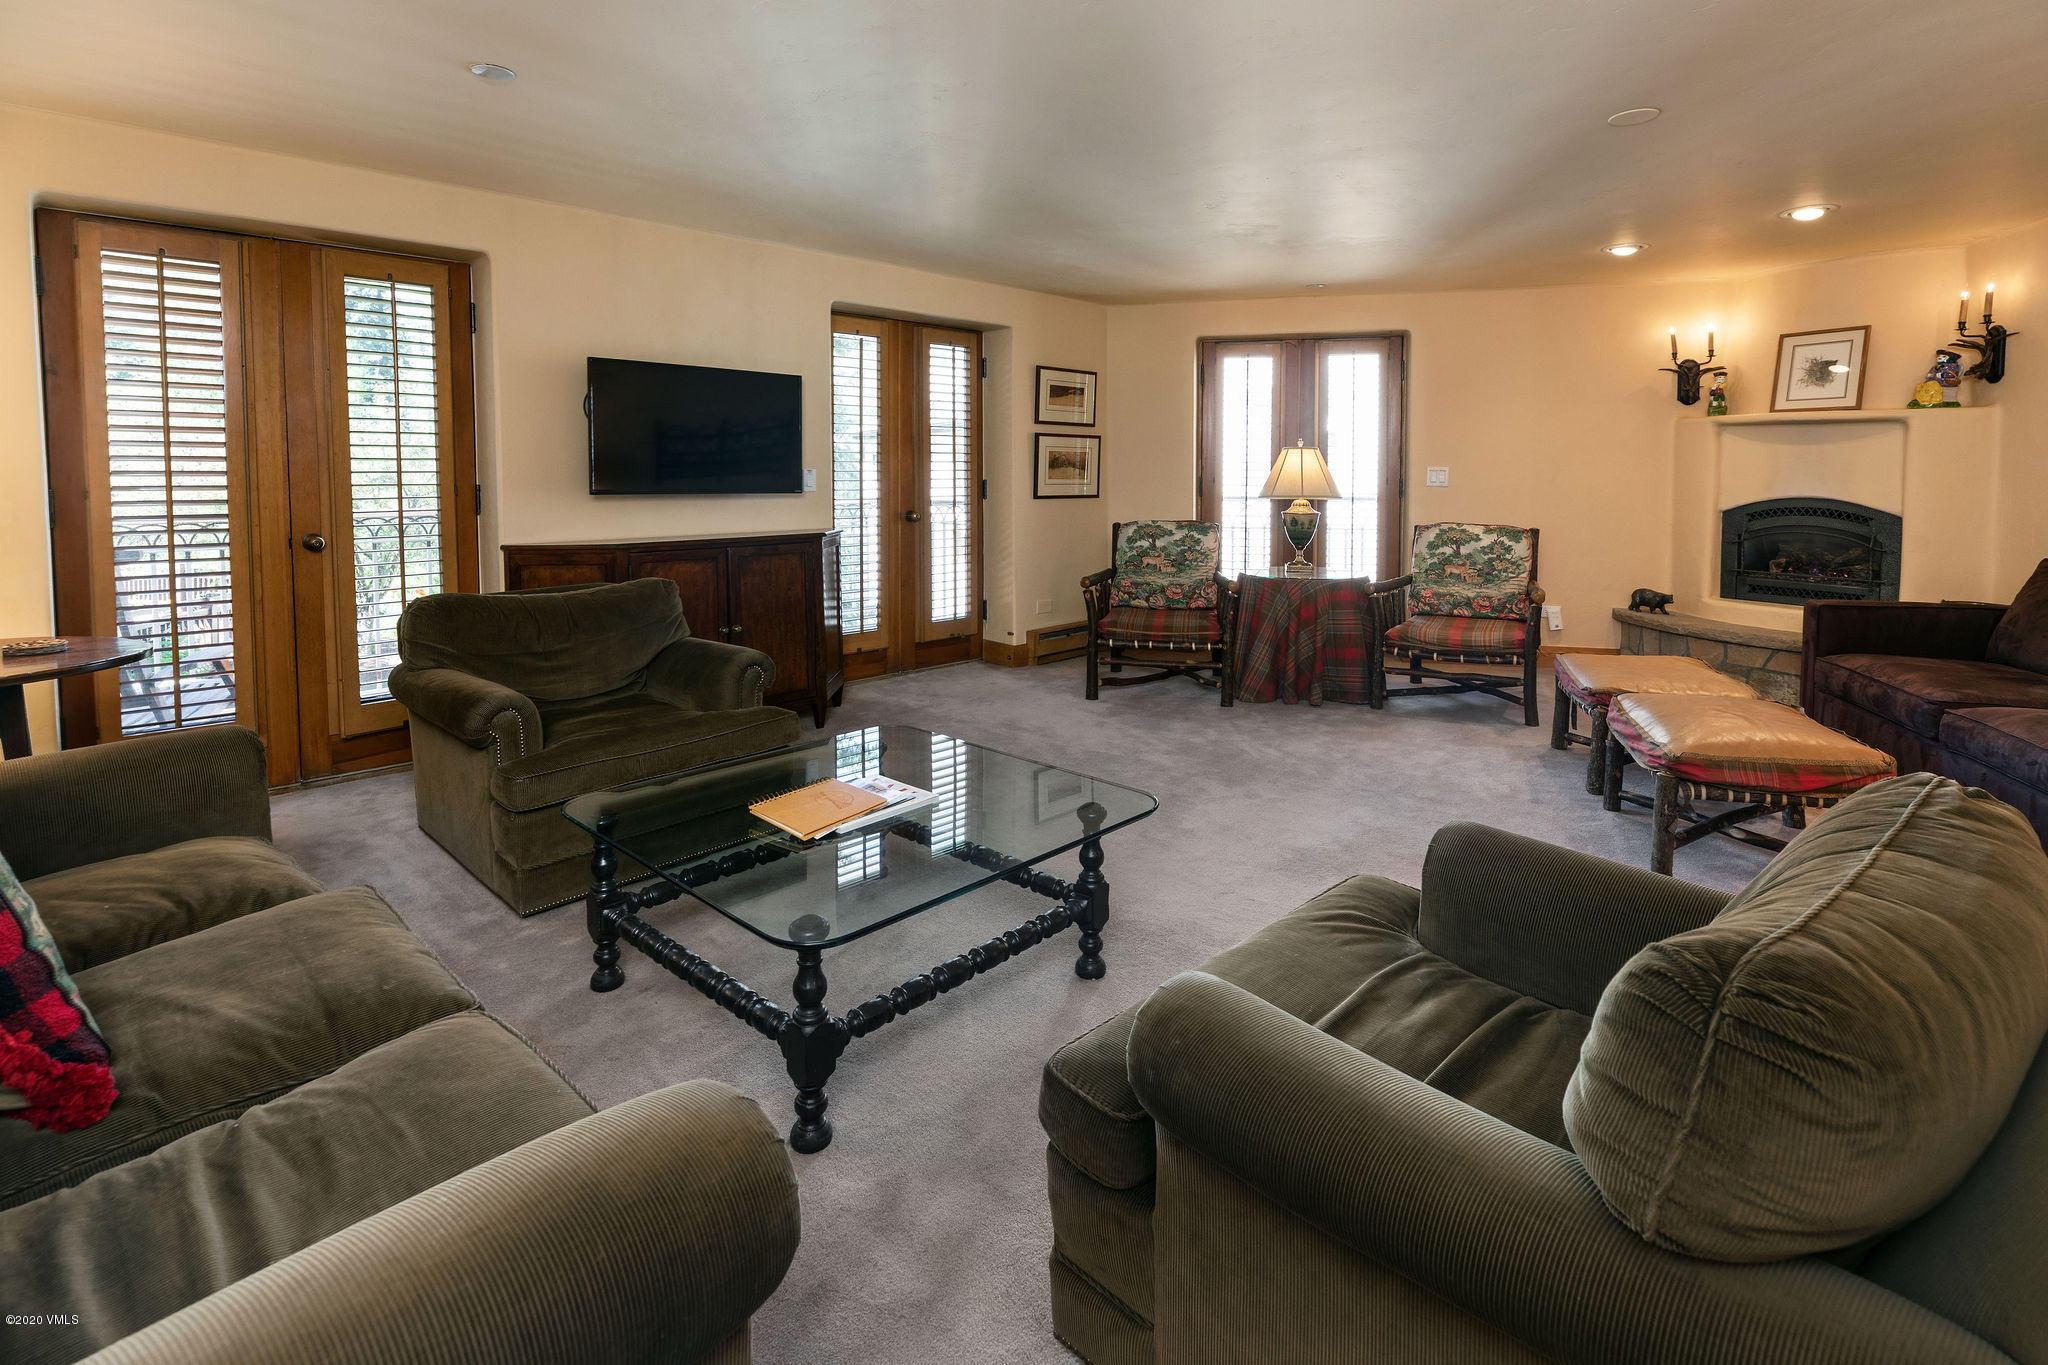 Property Description and Photos